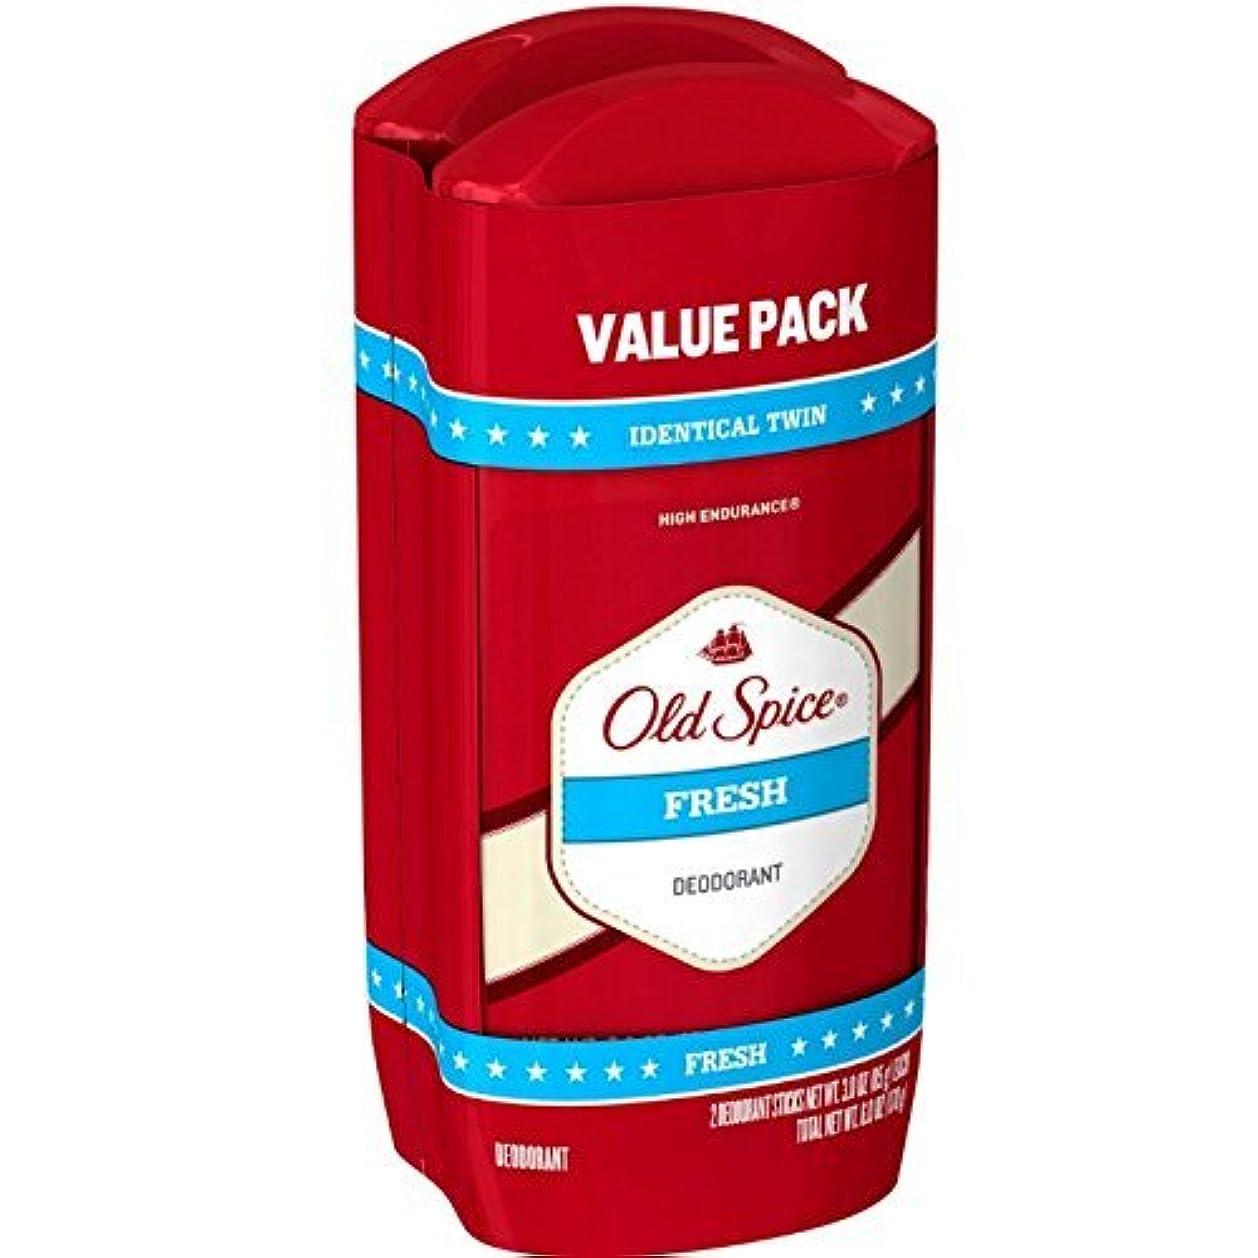 ペース暖炉月曜日Old Spice デオドラント3オンス新鮮なソリッド二アットワンス(88Ml)(2パック)